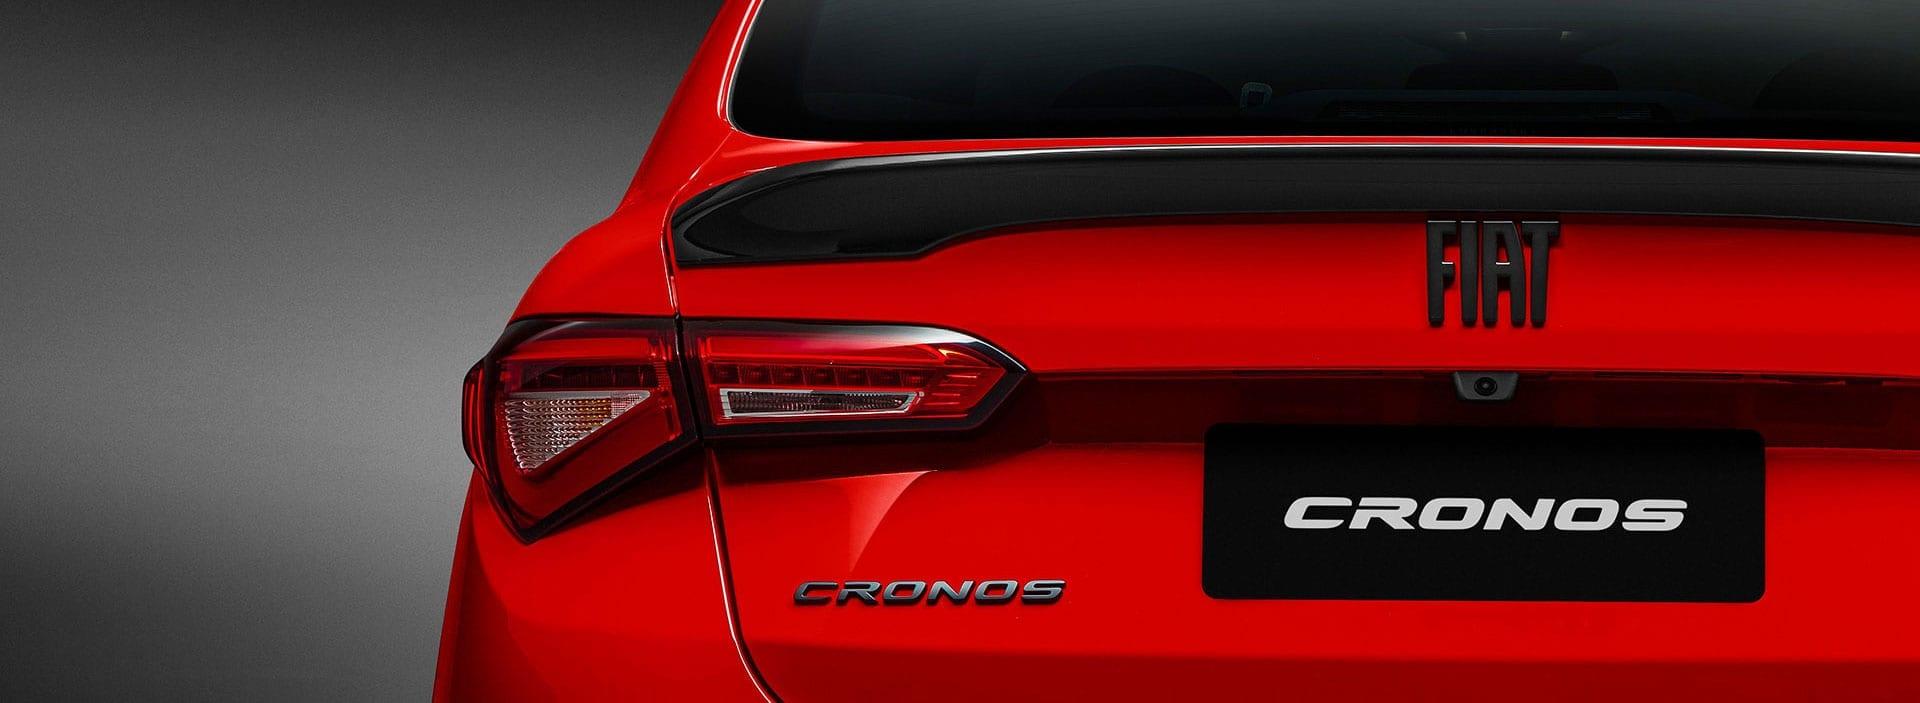 designEsportivo spoiler1 Cronos - Concessionária e Revenda Autorizada Fiat em Santa Catarina, SC | Carboni Fiat